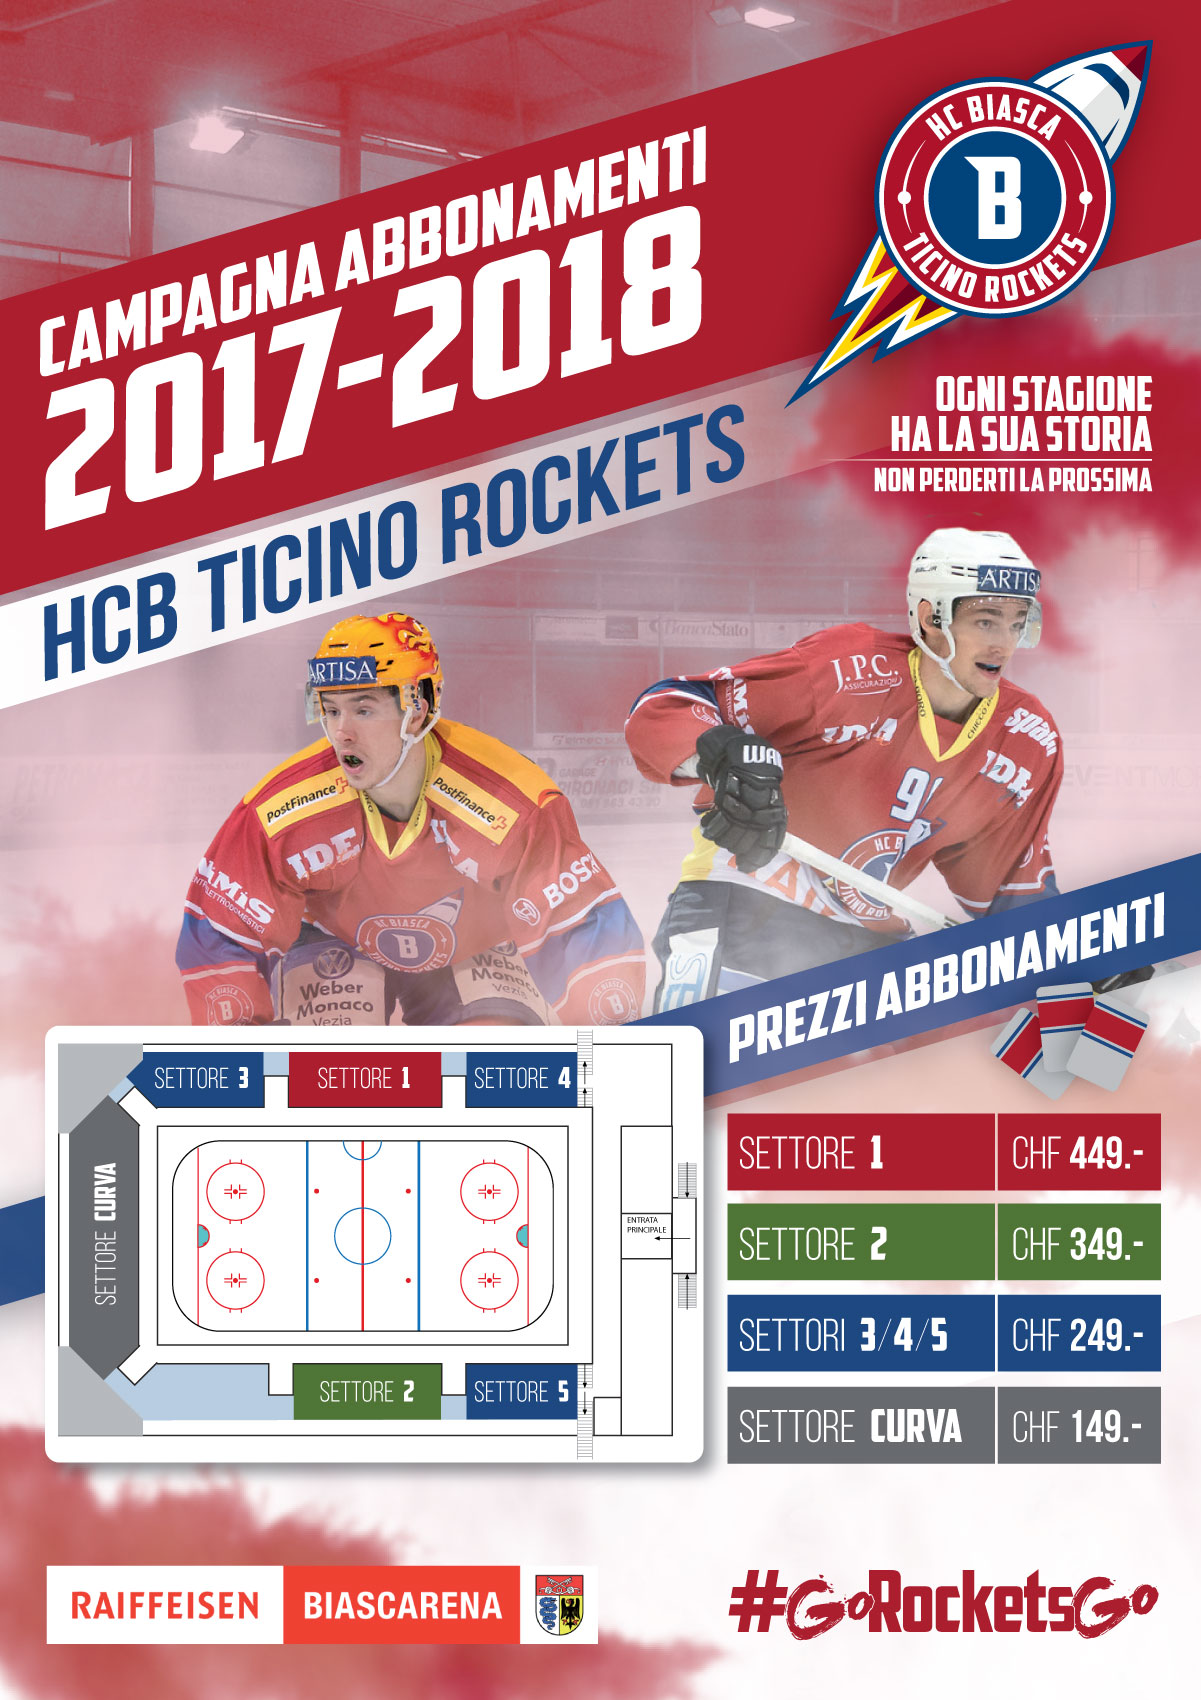 Campagna Abbonamenti Ticino Rockets